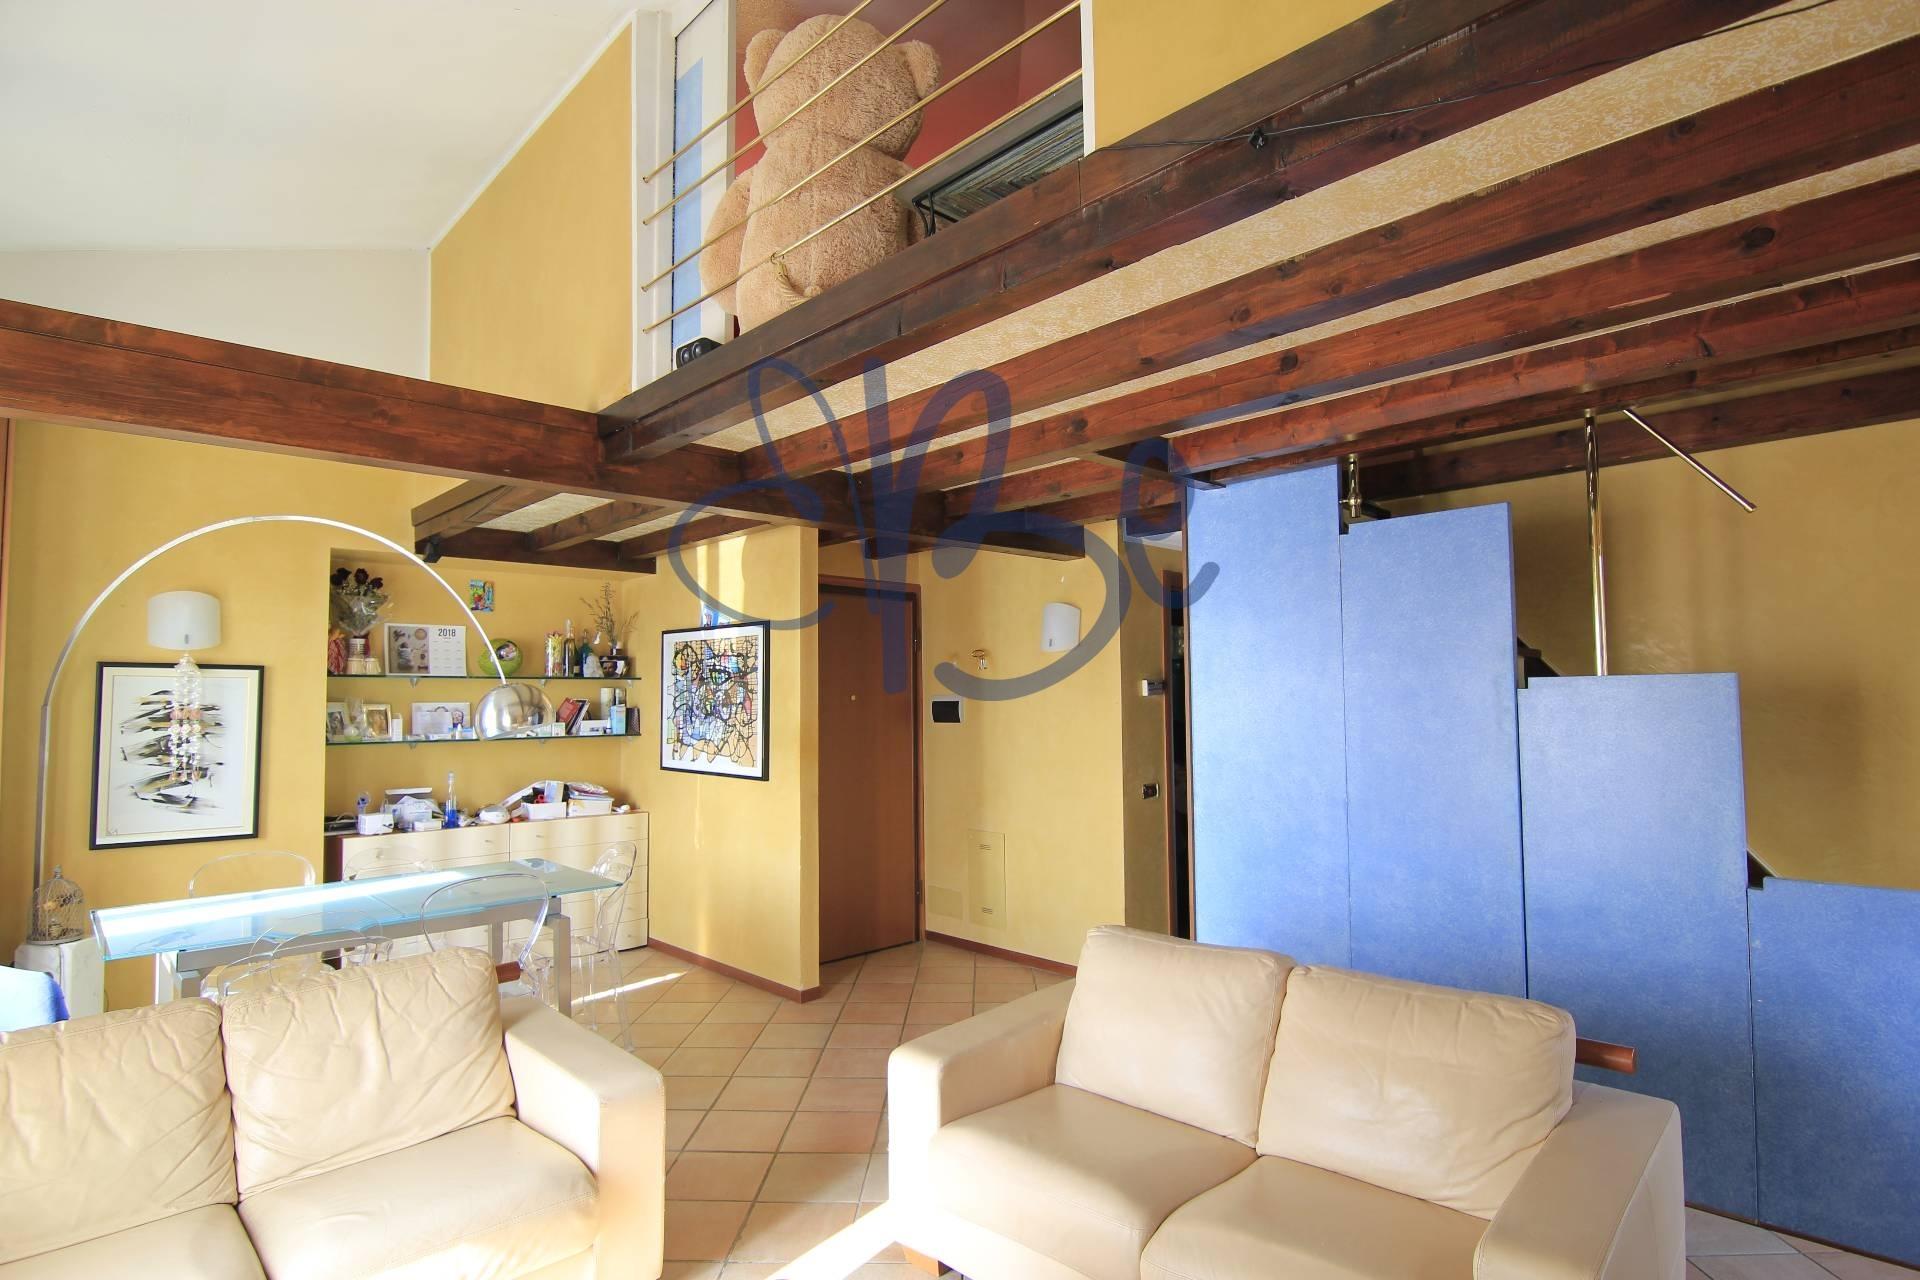 Appartamento in affitto a Salò, 2 locali, zona Località: Salò, prezzo € 600   CambioCasa.it